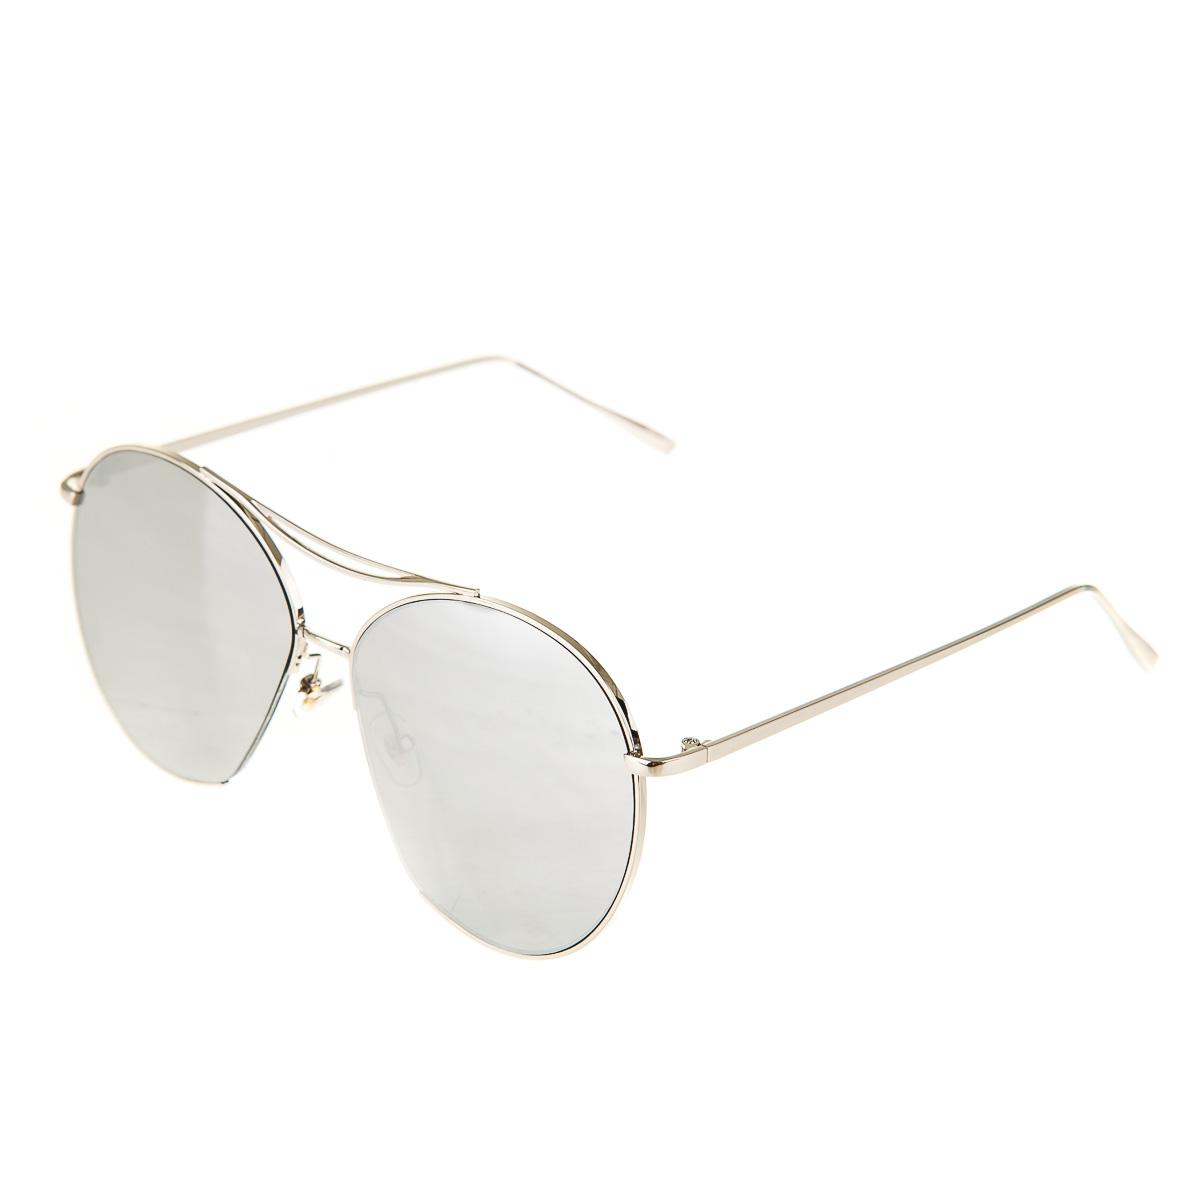 Очки с серебристыми линзами унисекс серебристые